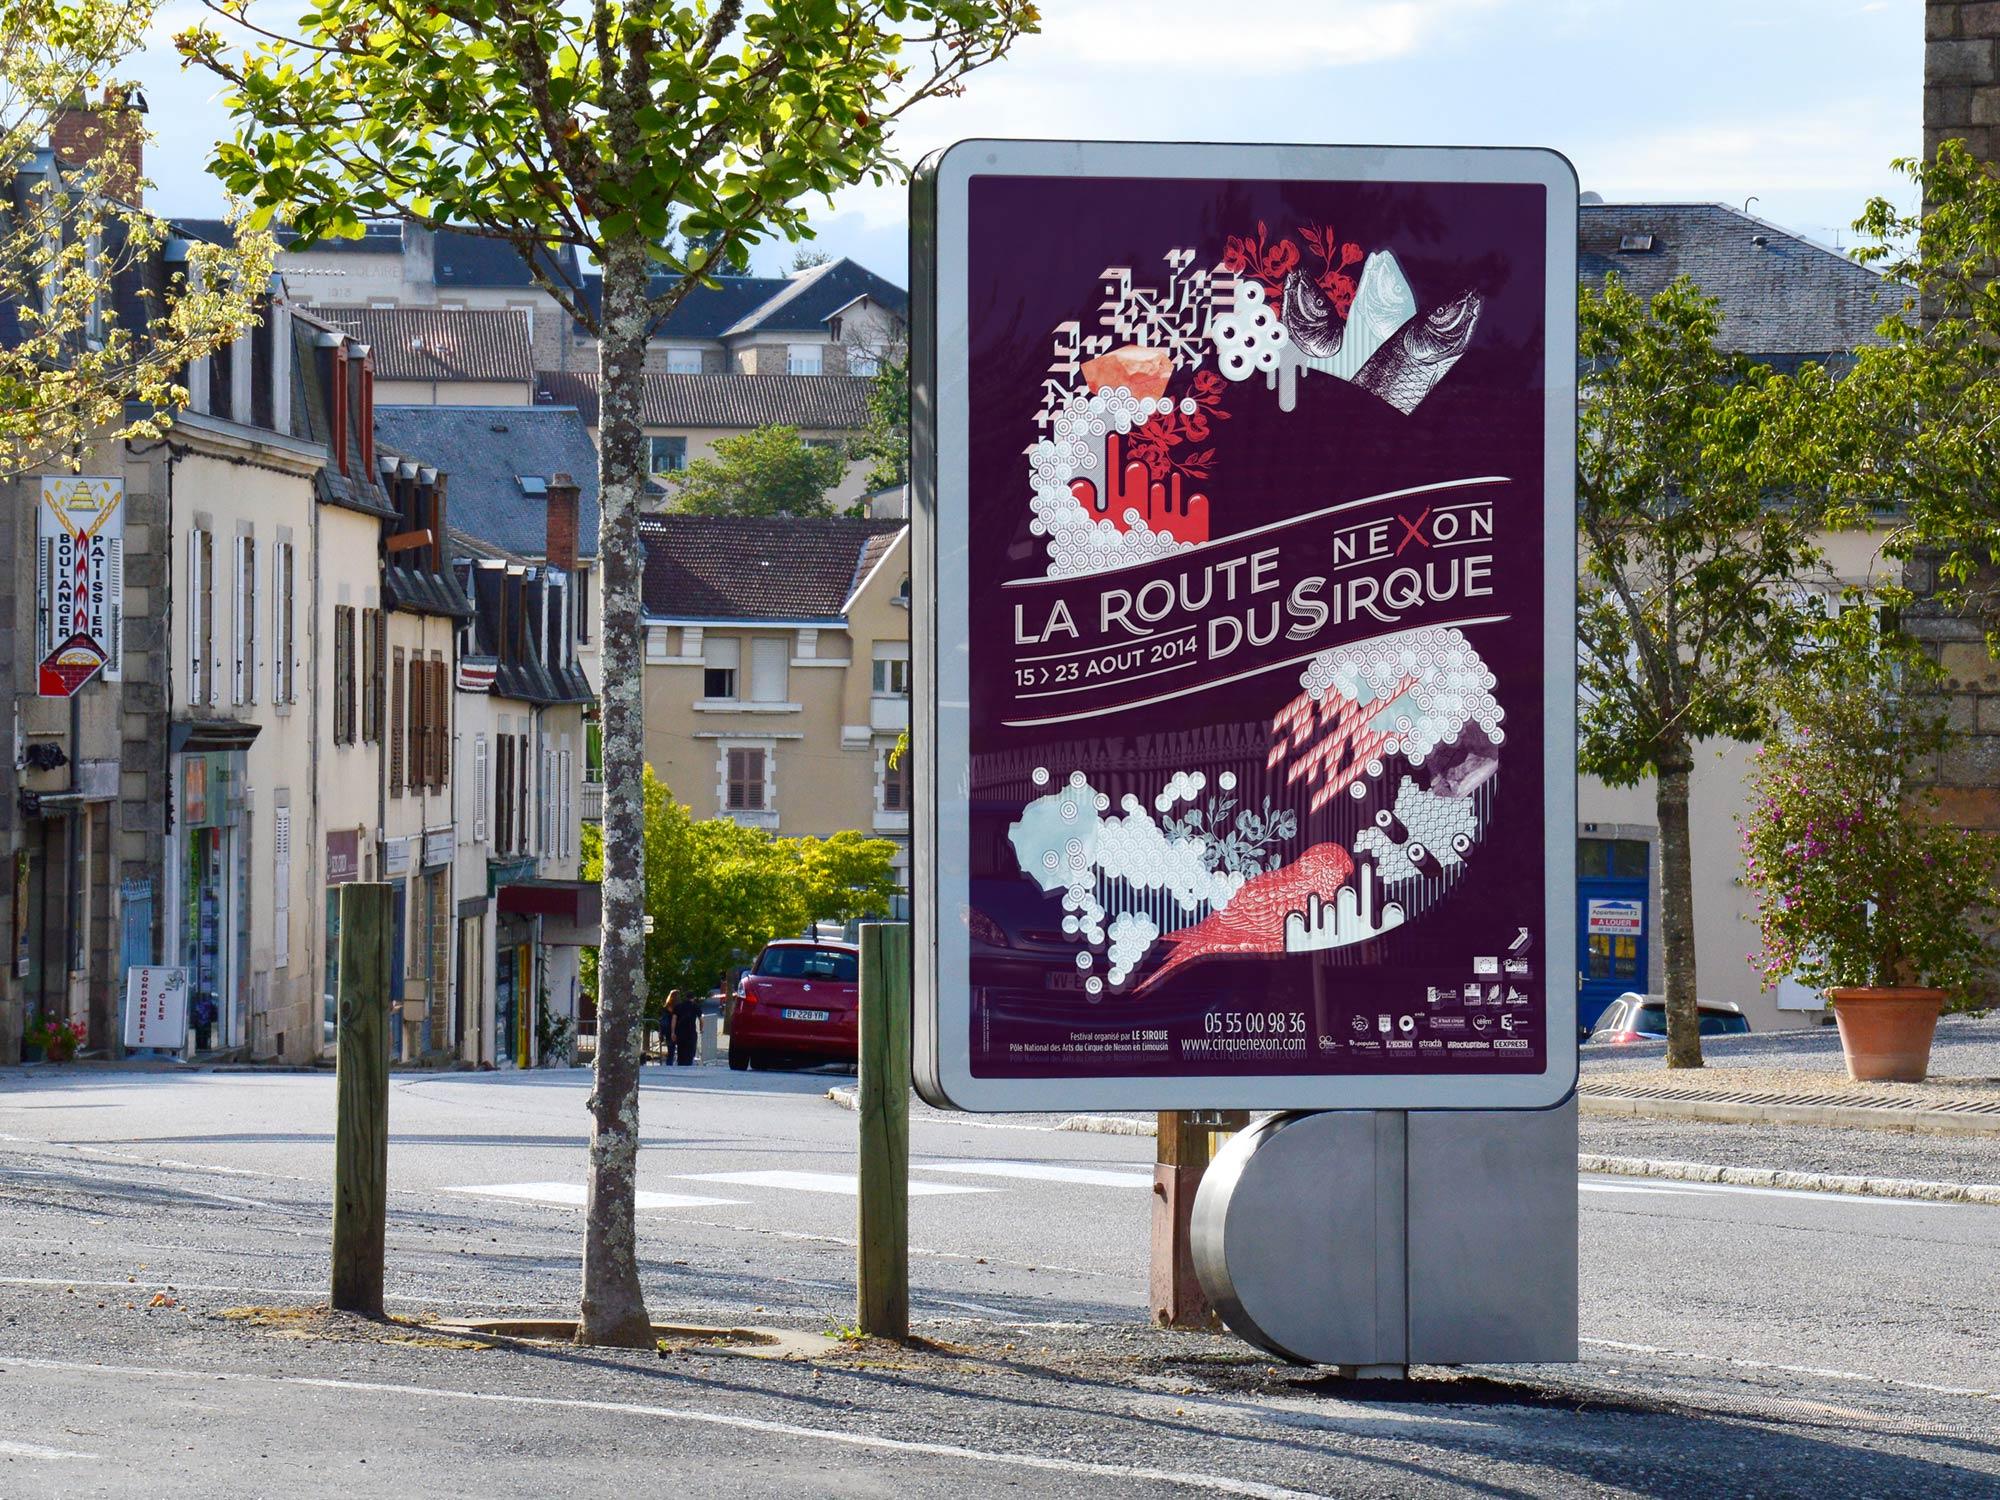 http://a-aa.fr/projet/la-route-du-sirque-2014/